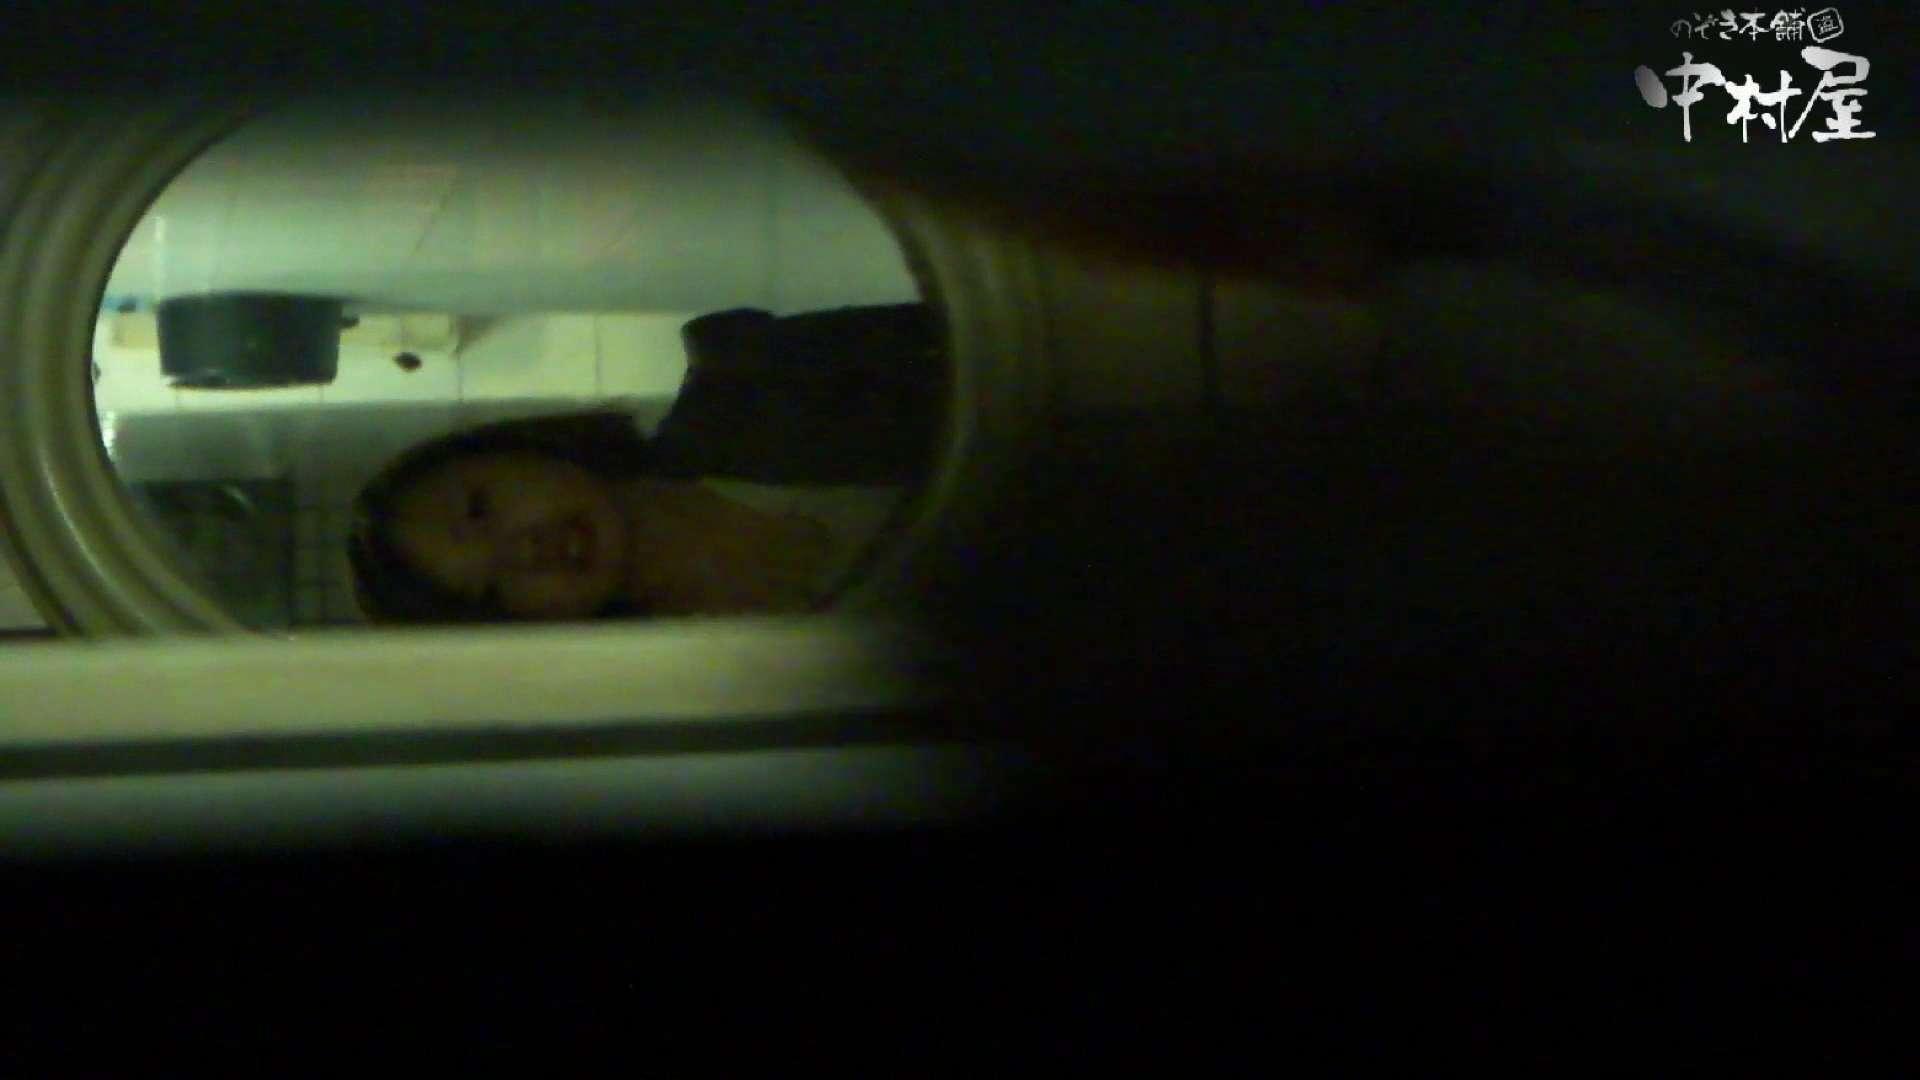 【美人が集まるファッションショッピングセンター洗面所盗SATU】ギャルのツルピカ潜入盗satu!Vol.09 OLセックス 隠し撮りAV無料 84画像 17